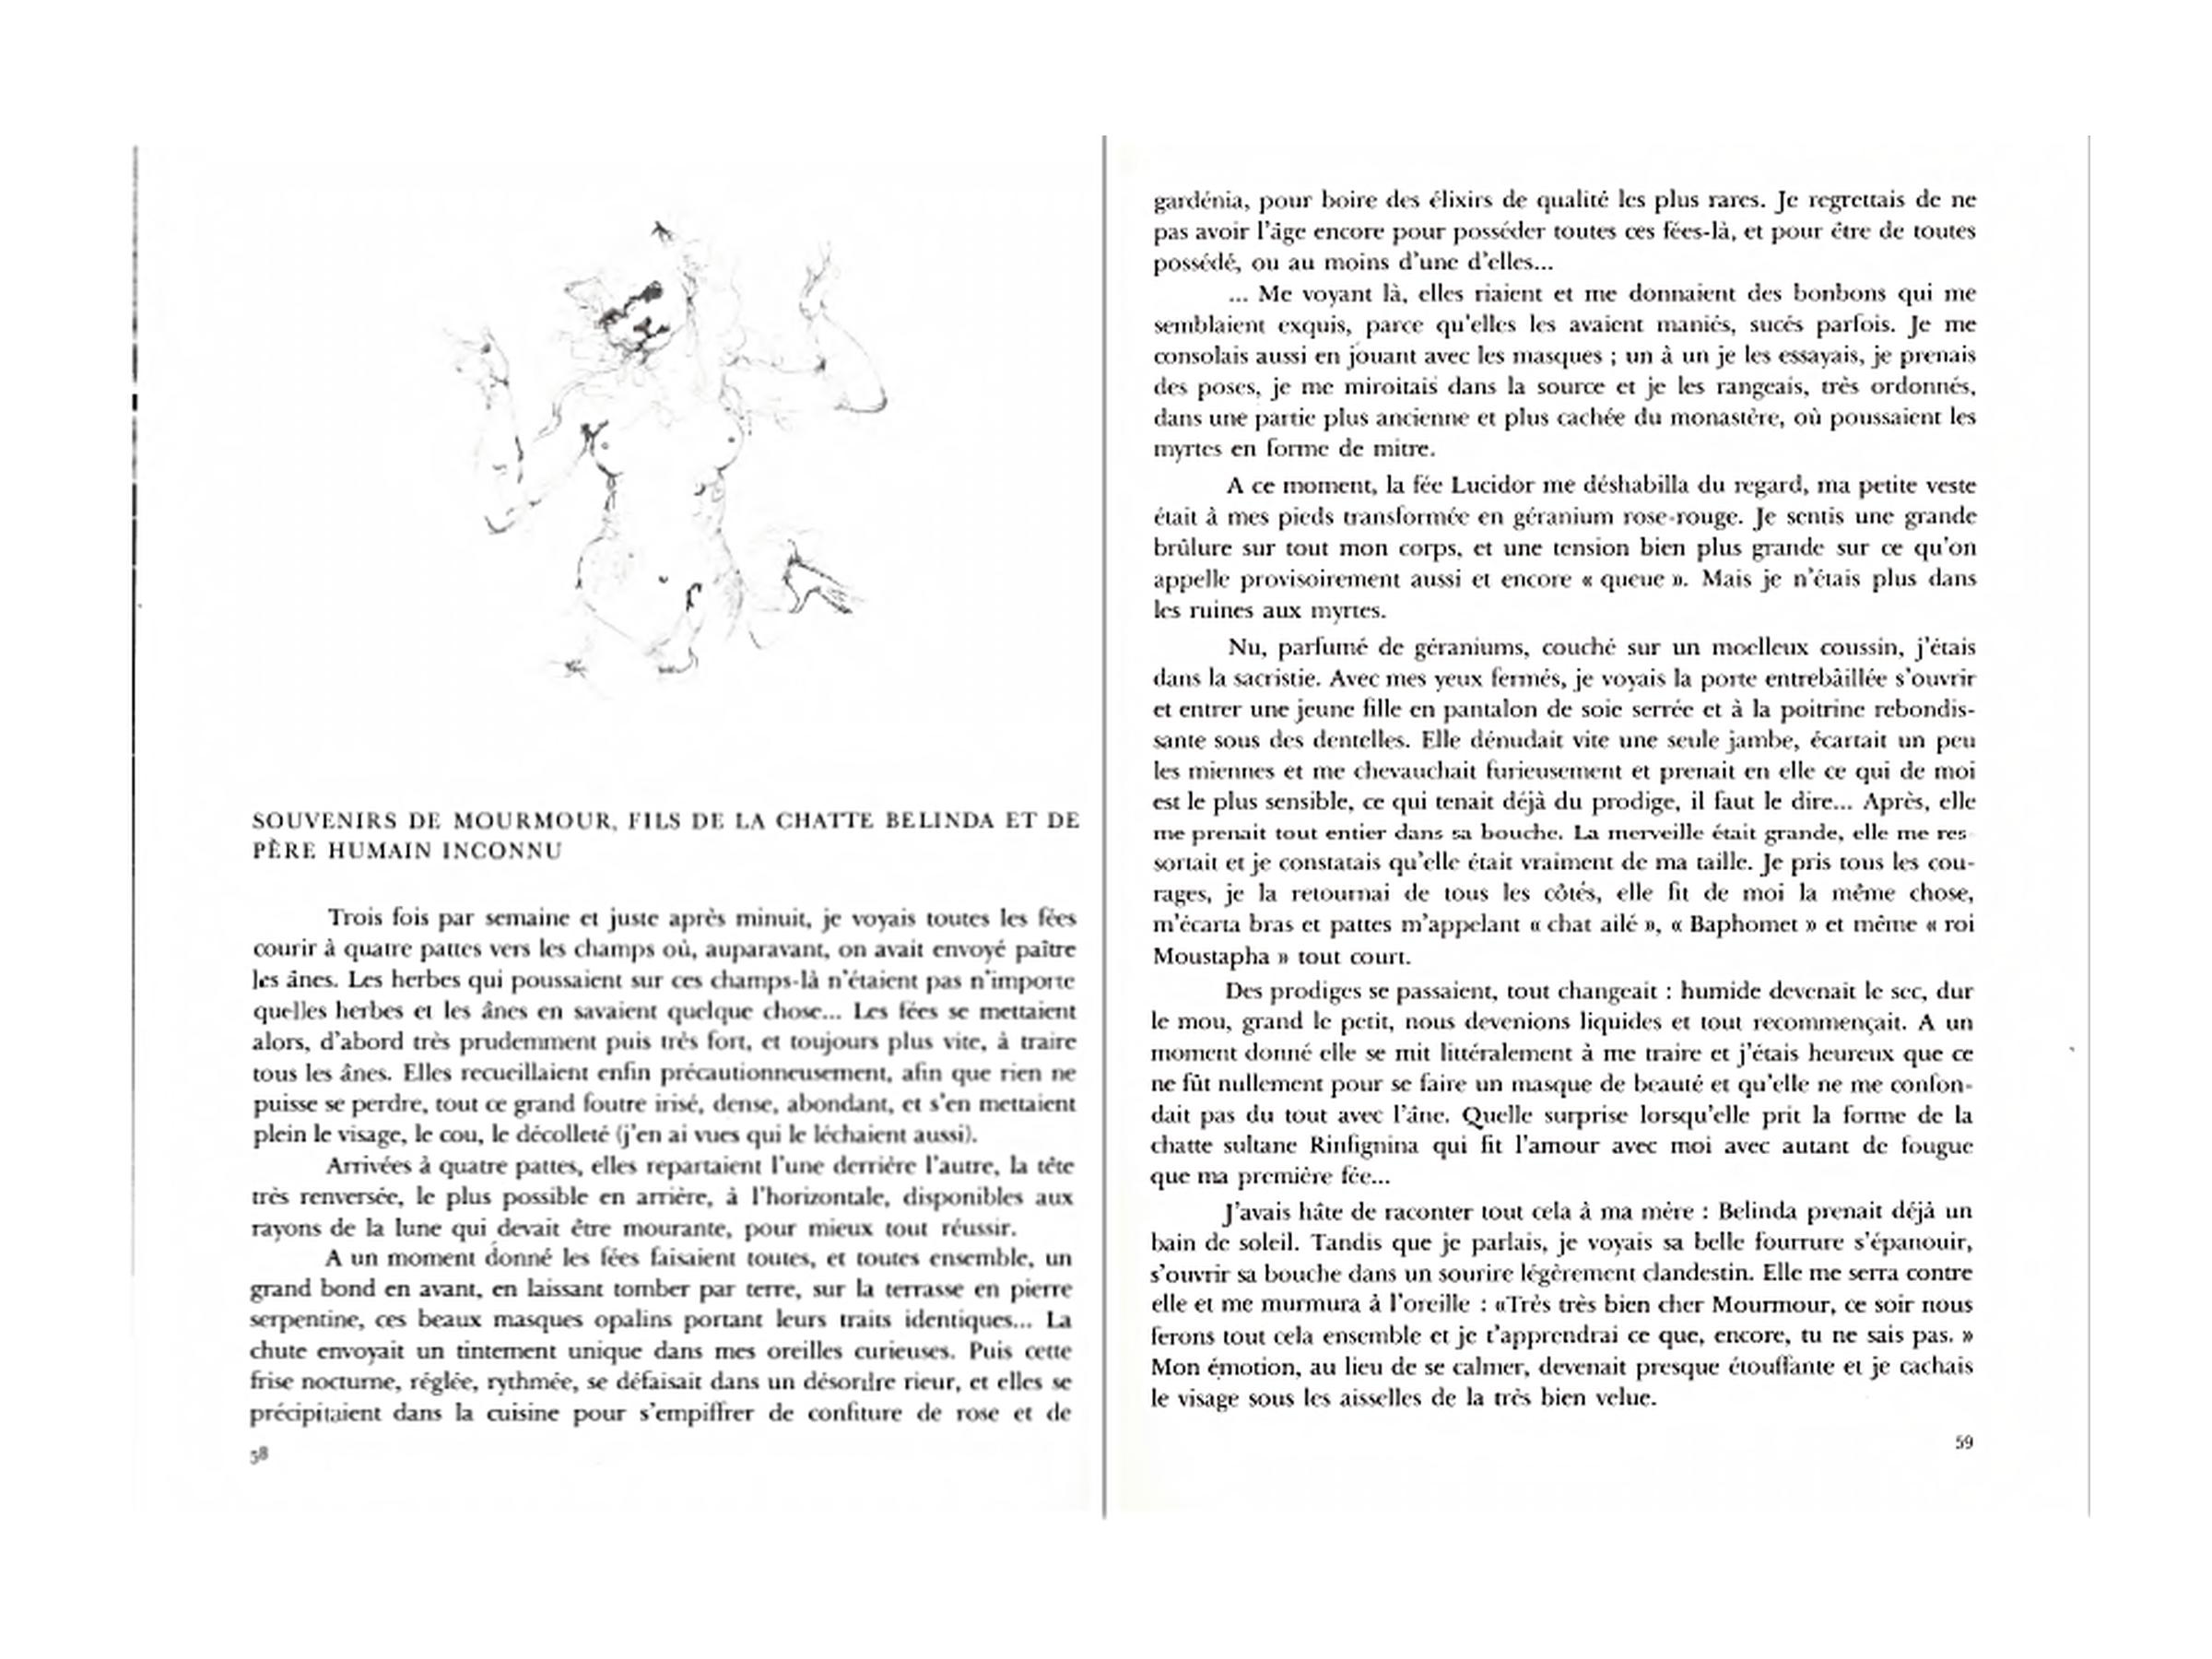 Carrousel-6-le-livre-de-leonor-fini-t